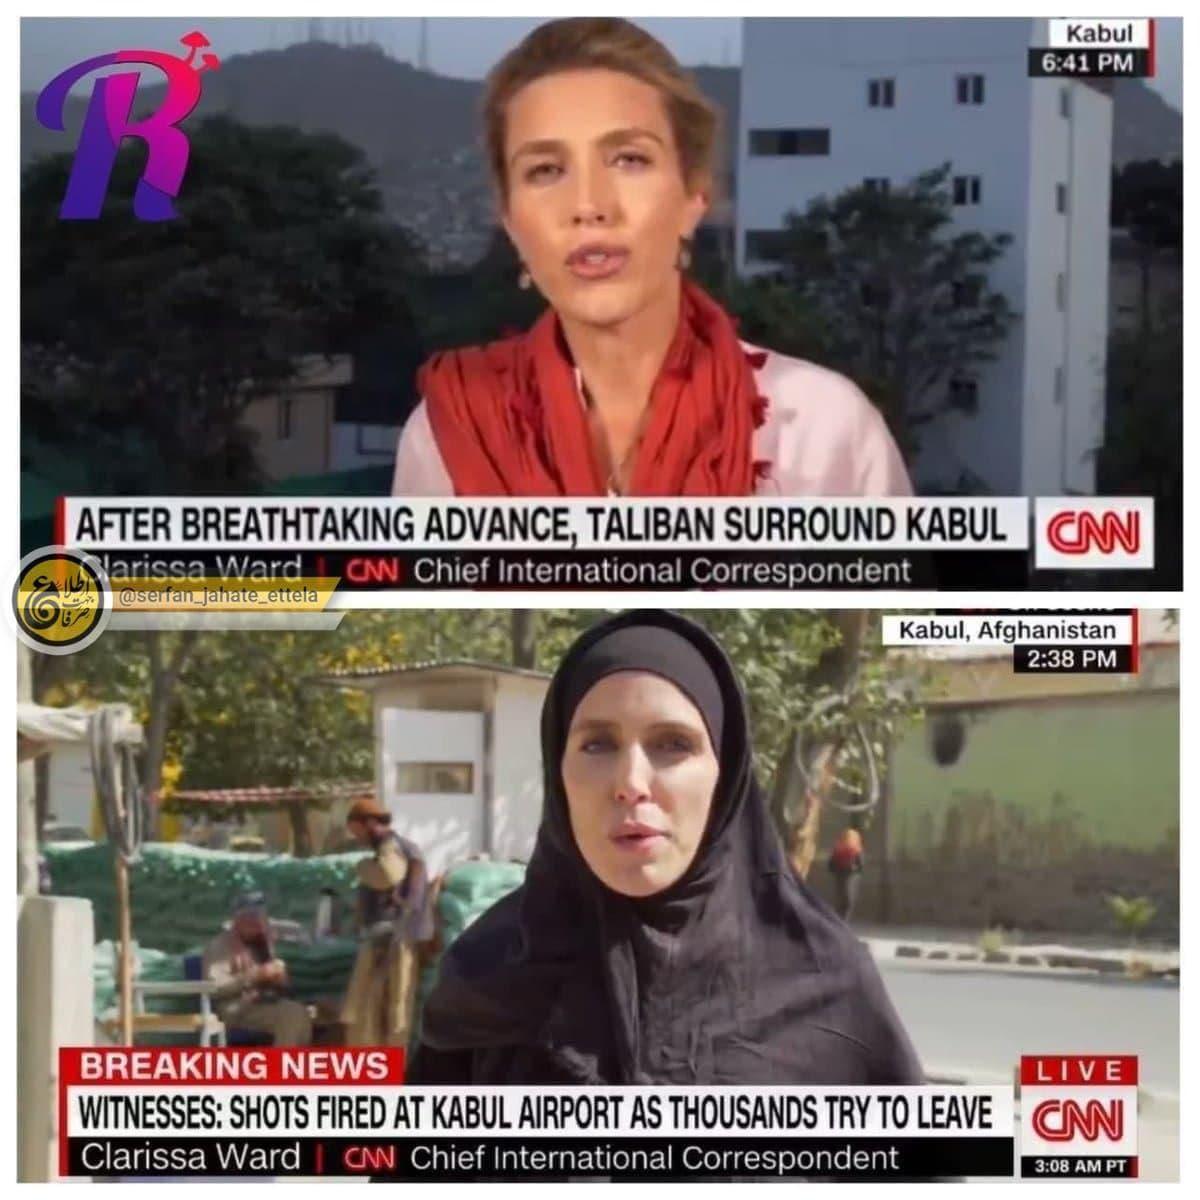 خبرنگار CNN قبل و بعد از تصرف طالبان در افغانستان!